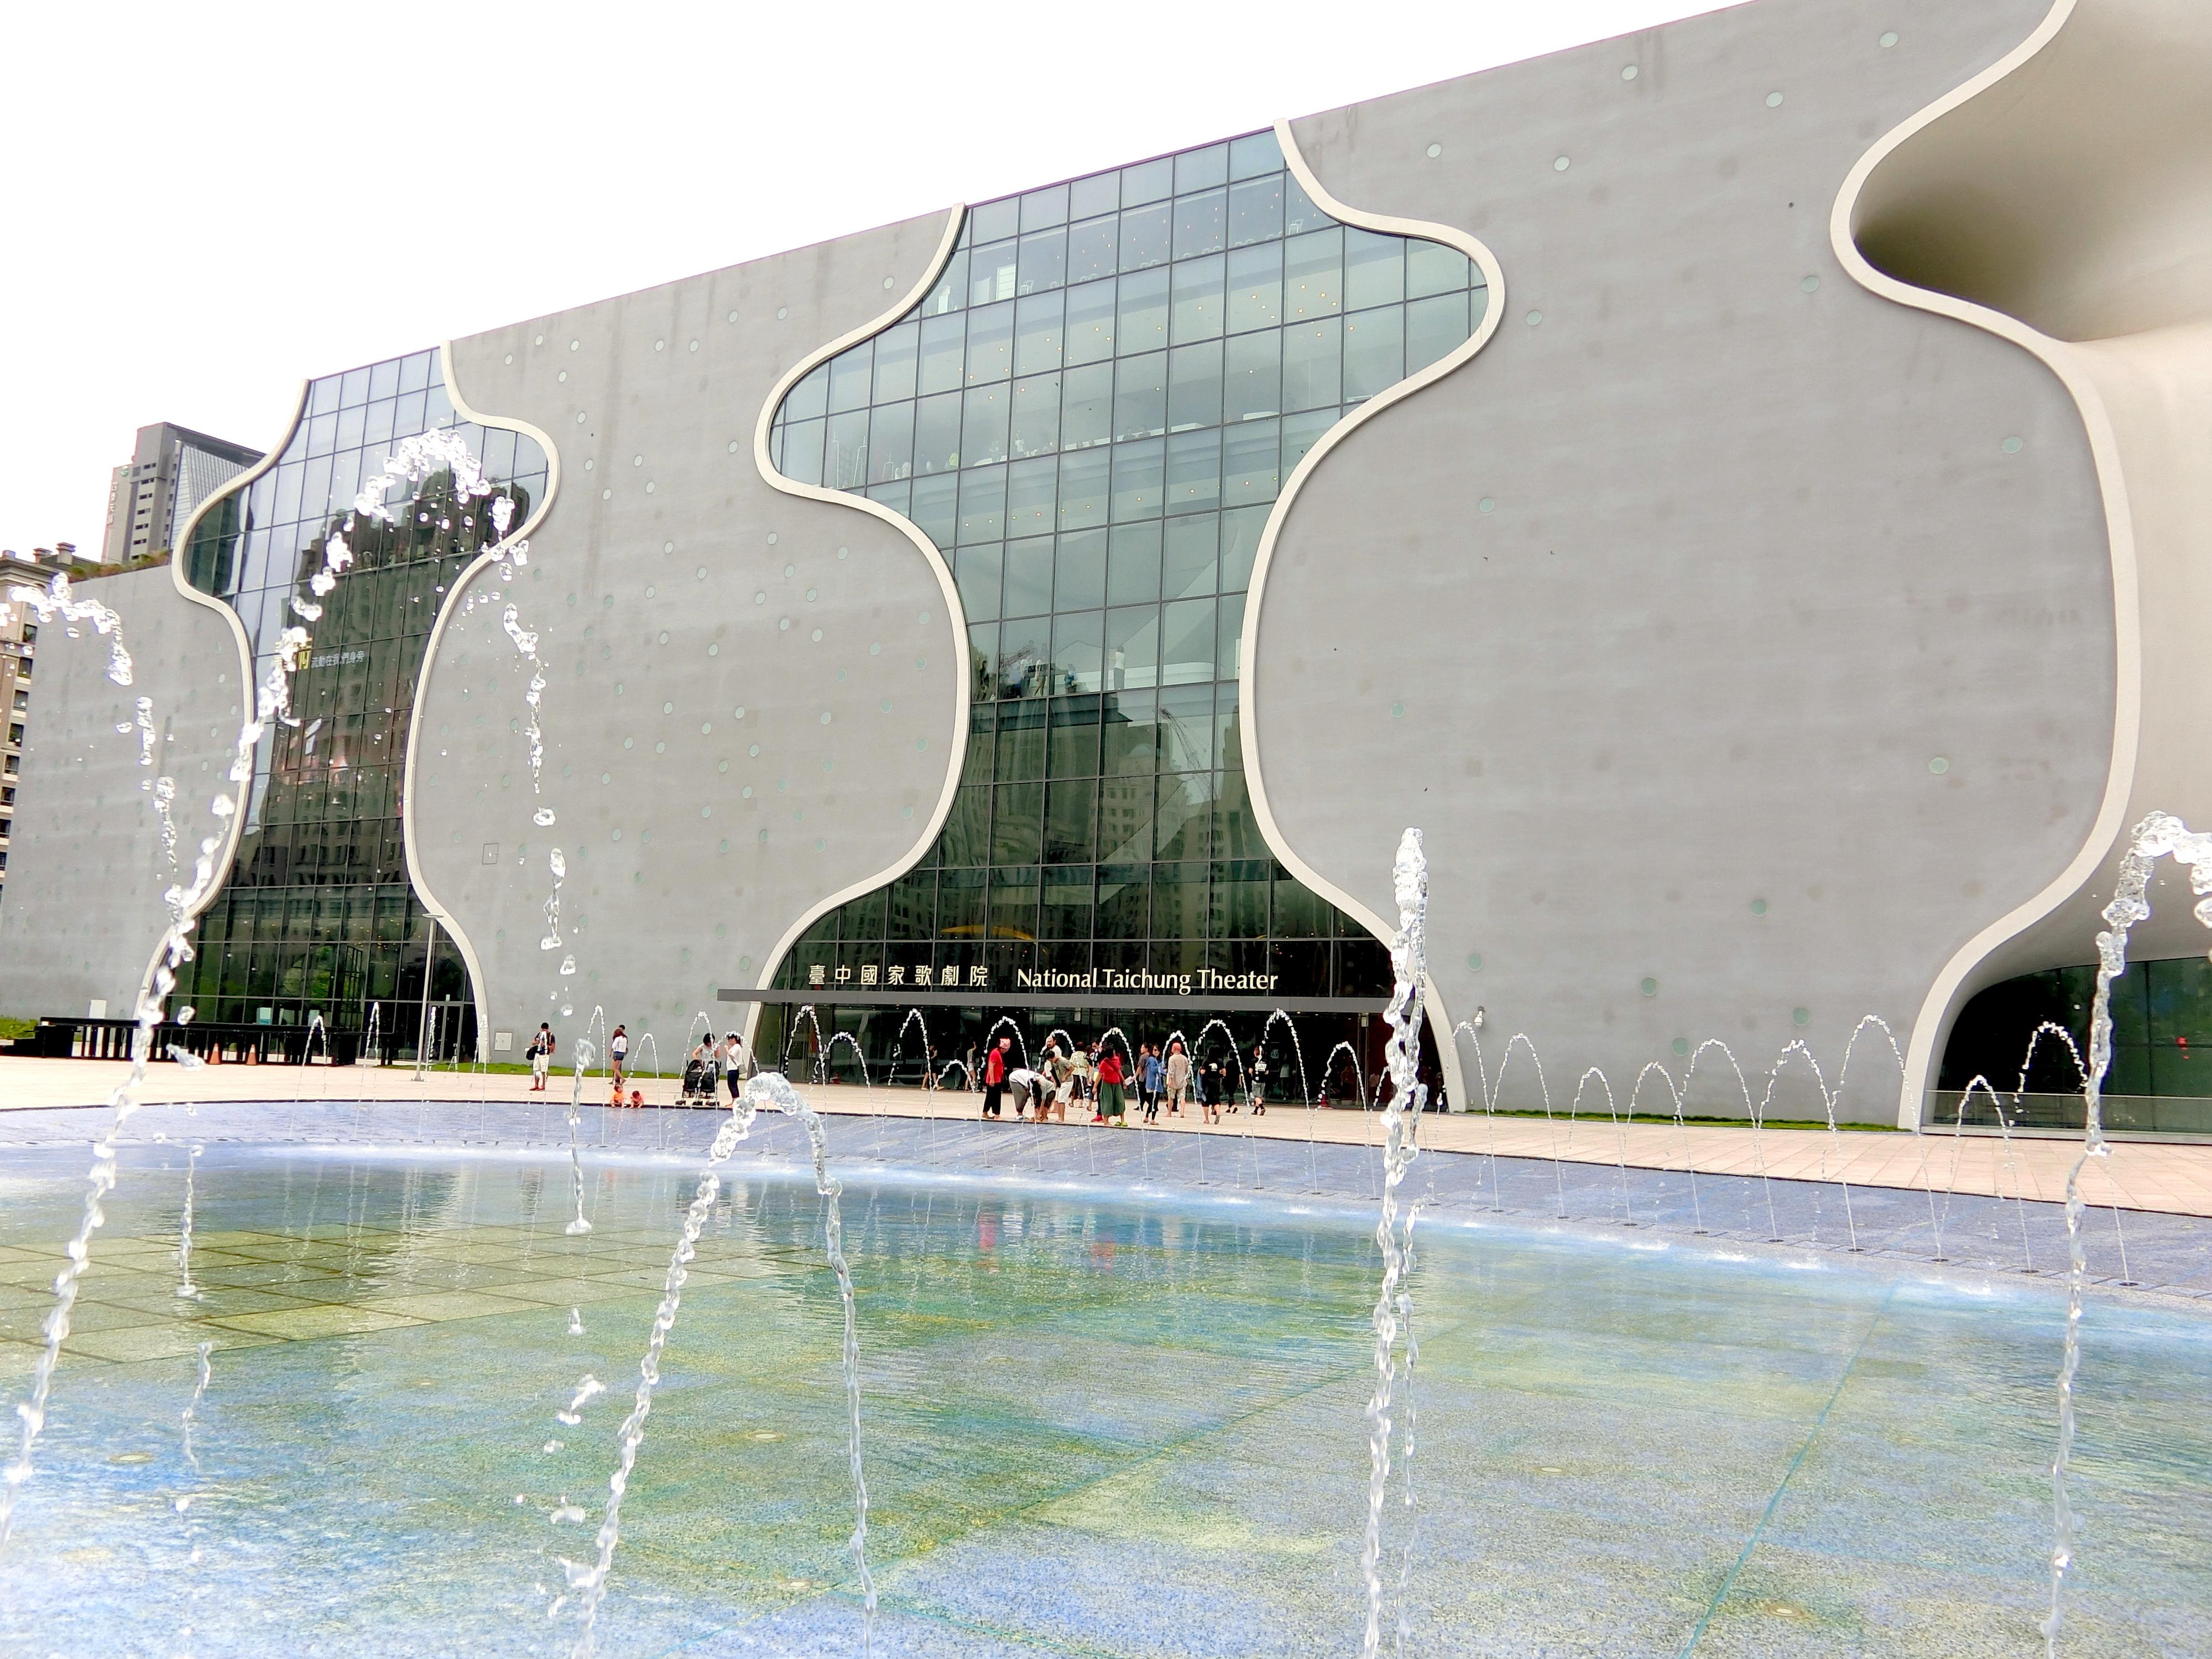 台中市内はバスも無料!彩虹眷村から歌劇院まで「台中」を愛してやまない7つの理由